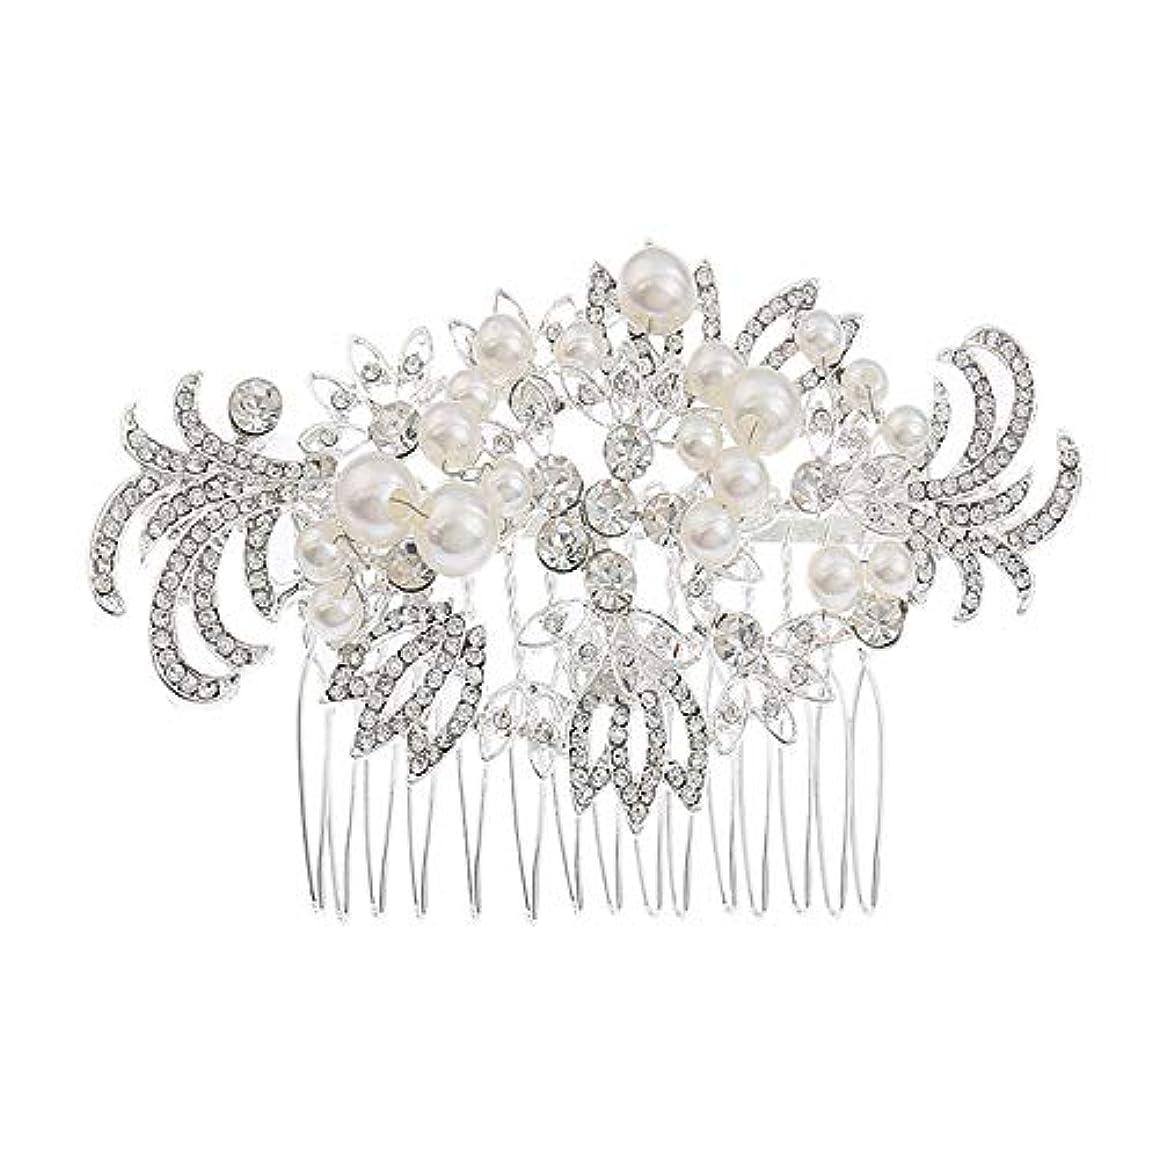 イブニング金曜日ソーセージ髪の櫛挿入櫛花嫁の髪櫛真珠の髪の櫛ラインストーンの髪の櫛結婚式のヘアアクセサリー合金の帽子ブライダルヘッドドレス